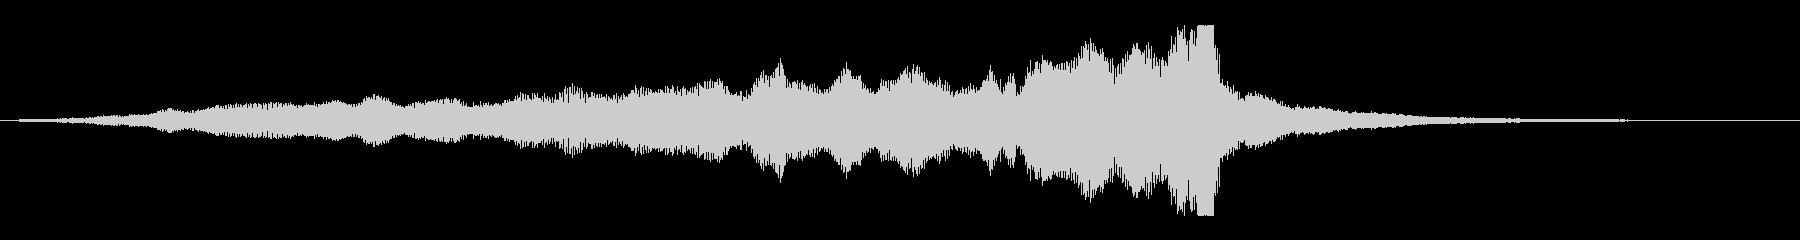 スプラッシュシンボル1お辞儀4の未再生の波形